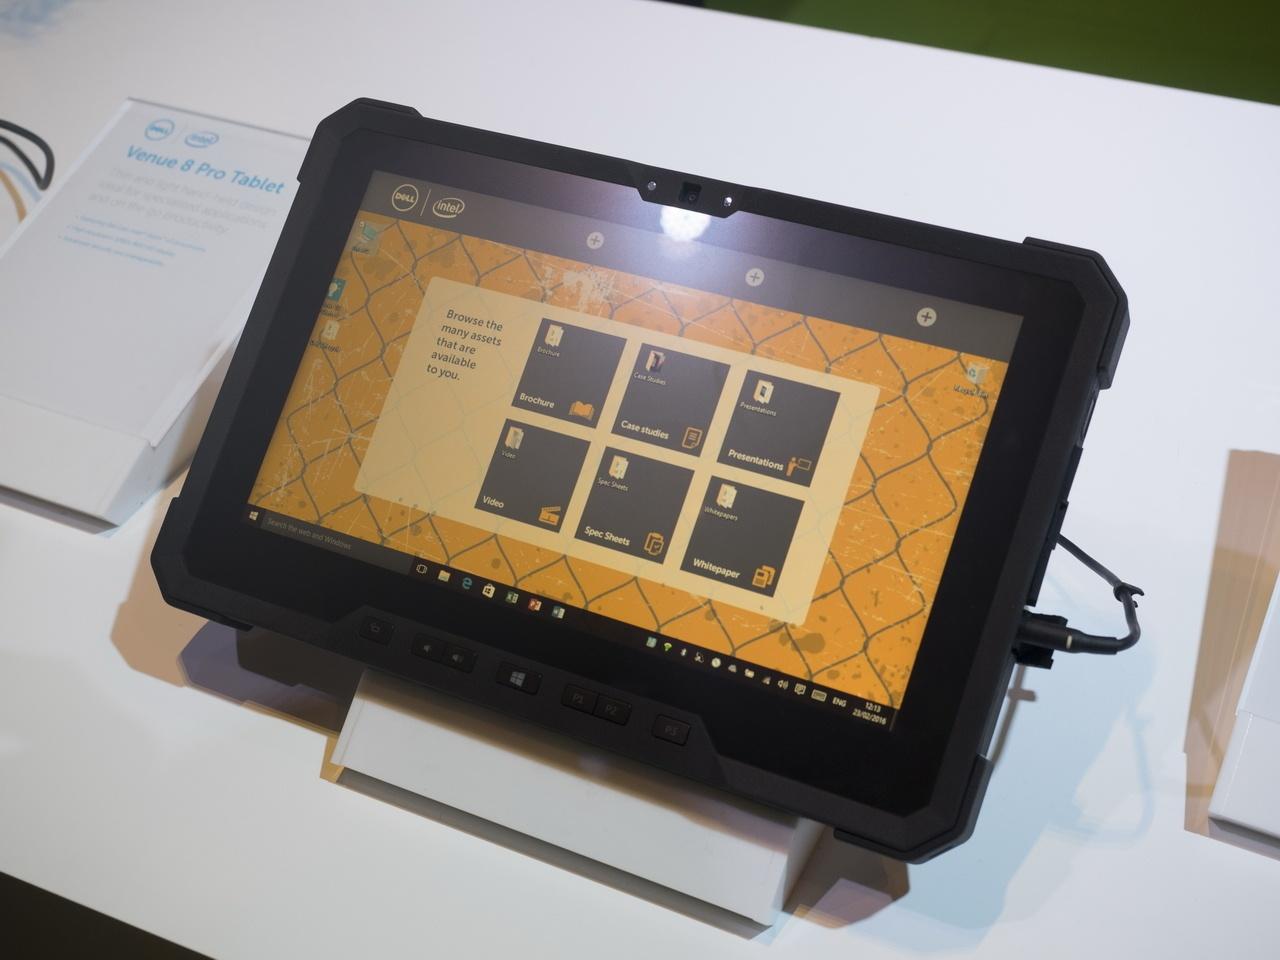 Dell на Mobile World Congress: подготовка к эпохе IoT, модульные дата-центры, OEM-решения и защищенный планшет - 8